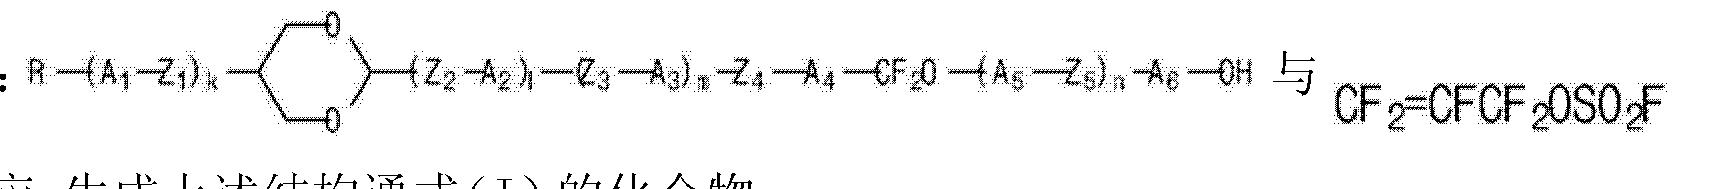 Figure CN103773386AC000810